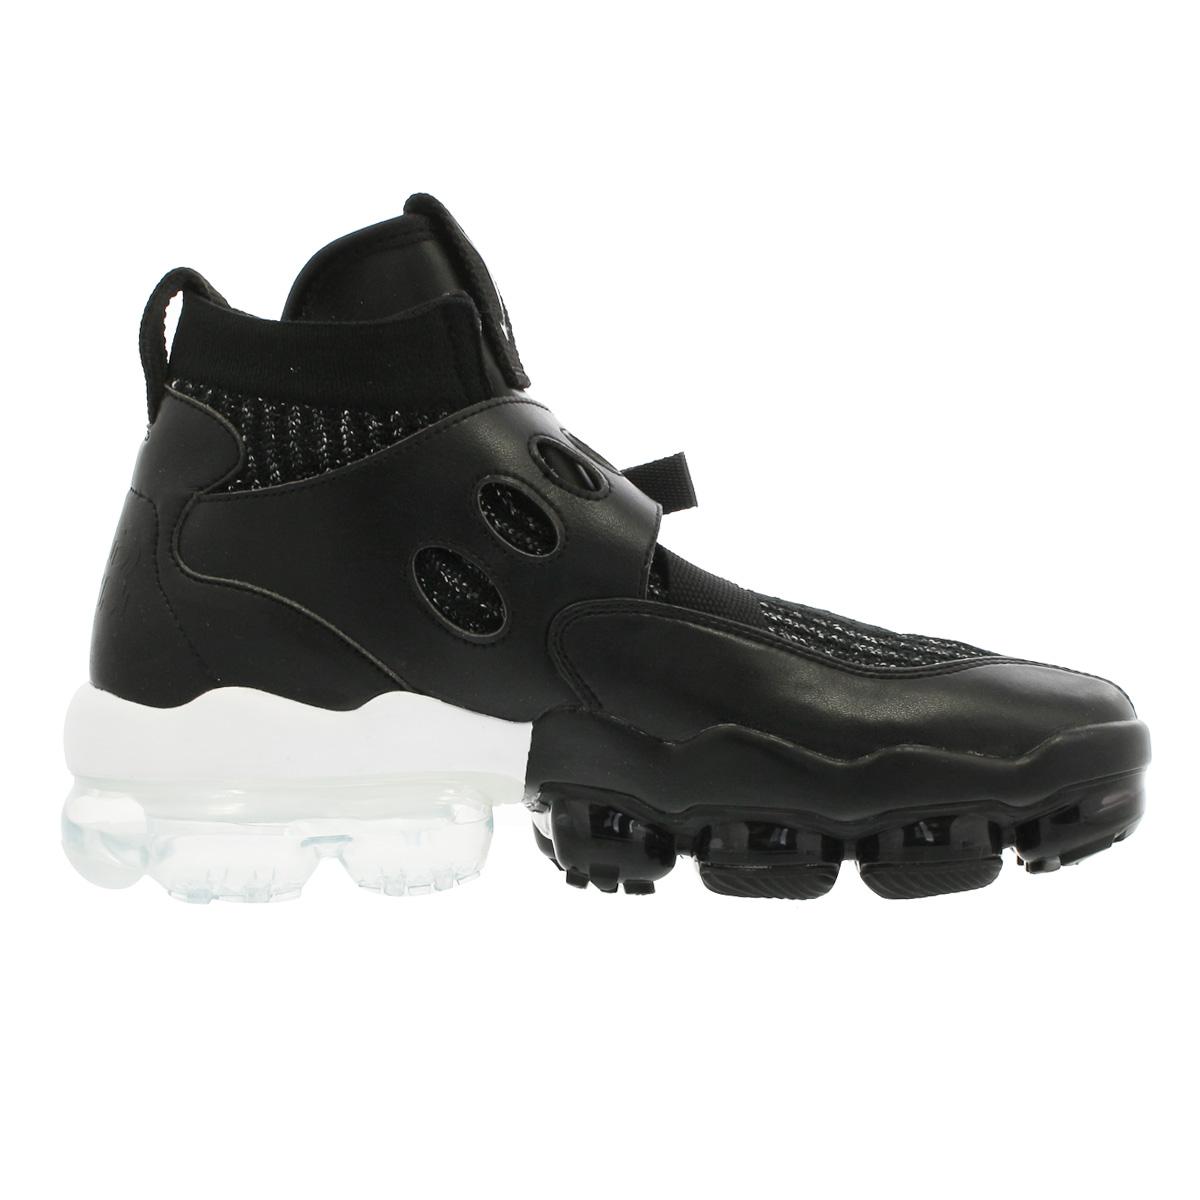 77c090503947 NIKE VAPORMAX PREMIER FLYKNIT Nike vapor max premiere fly knit BLACK METALLIC  SILVER WHITE ao3241-002